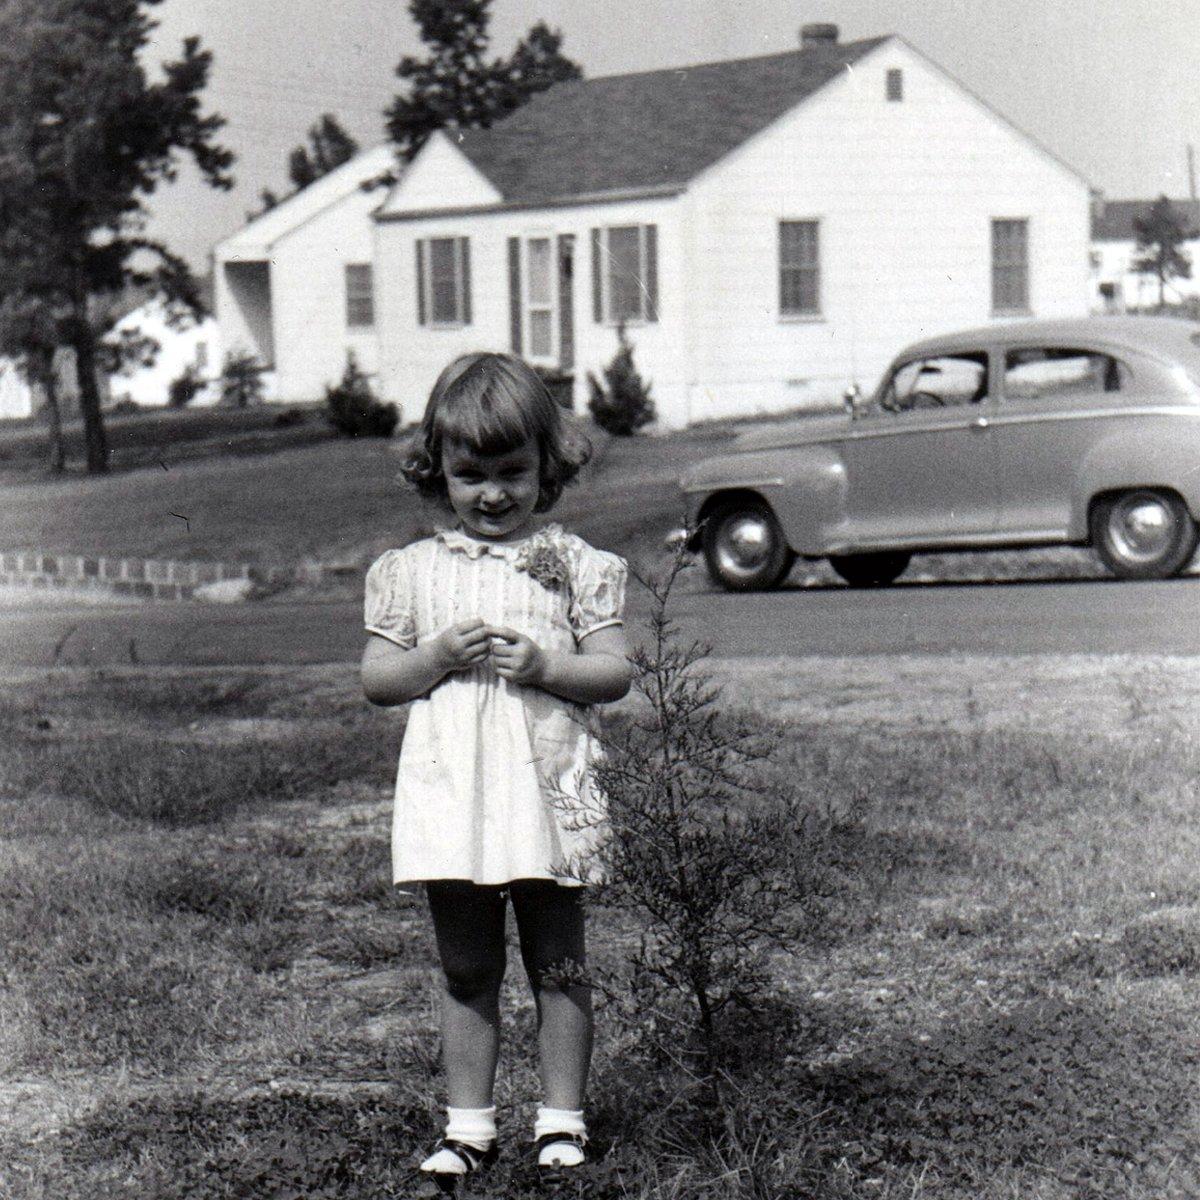 Plainview Avenue, 1950